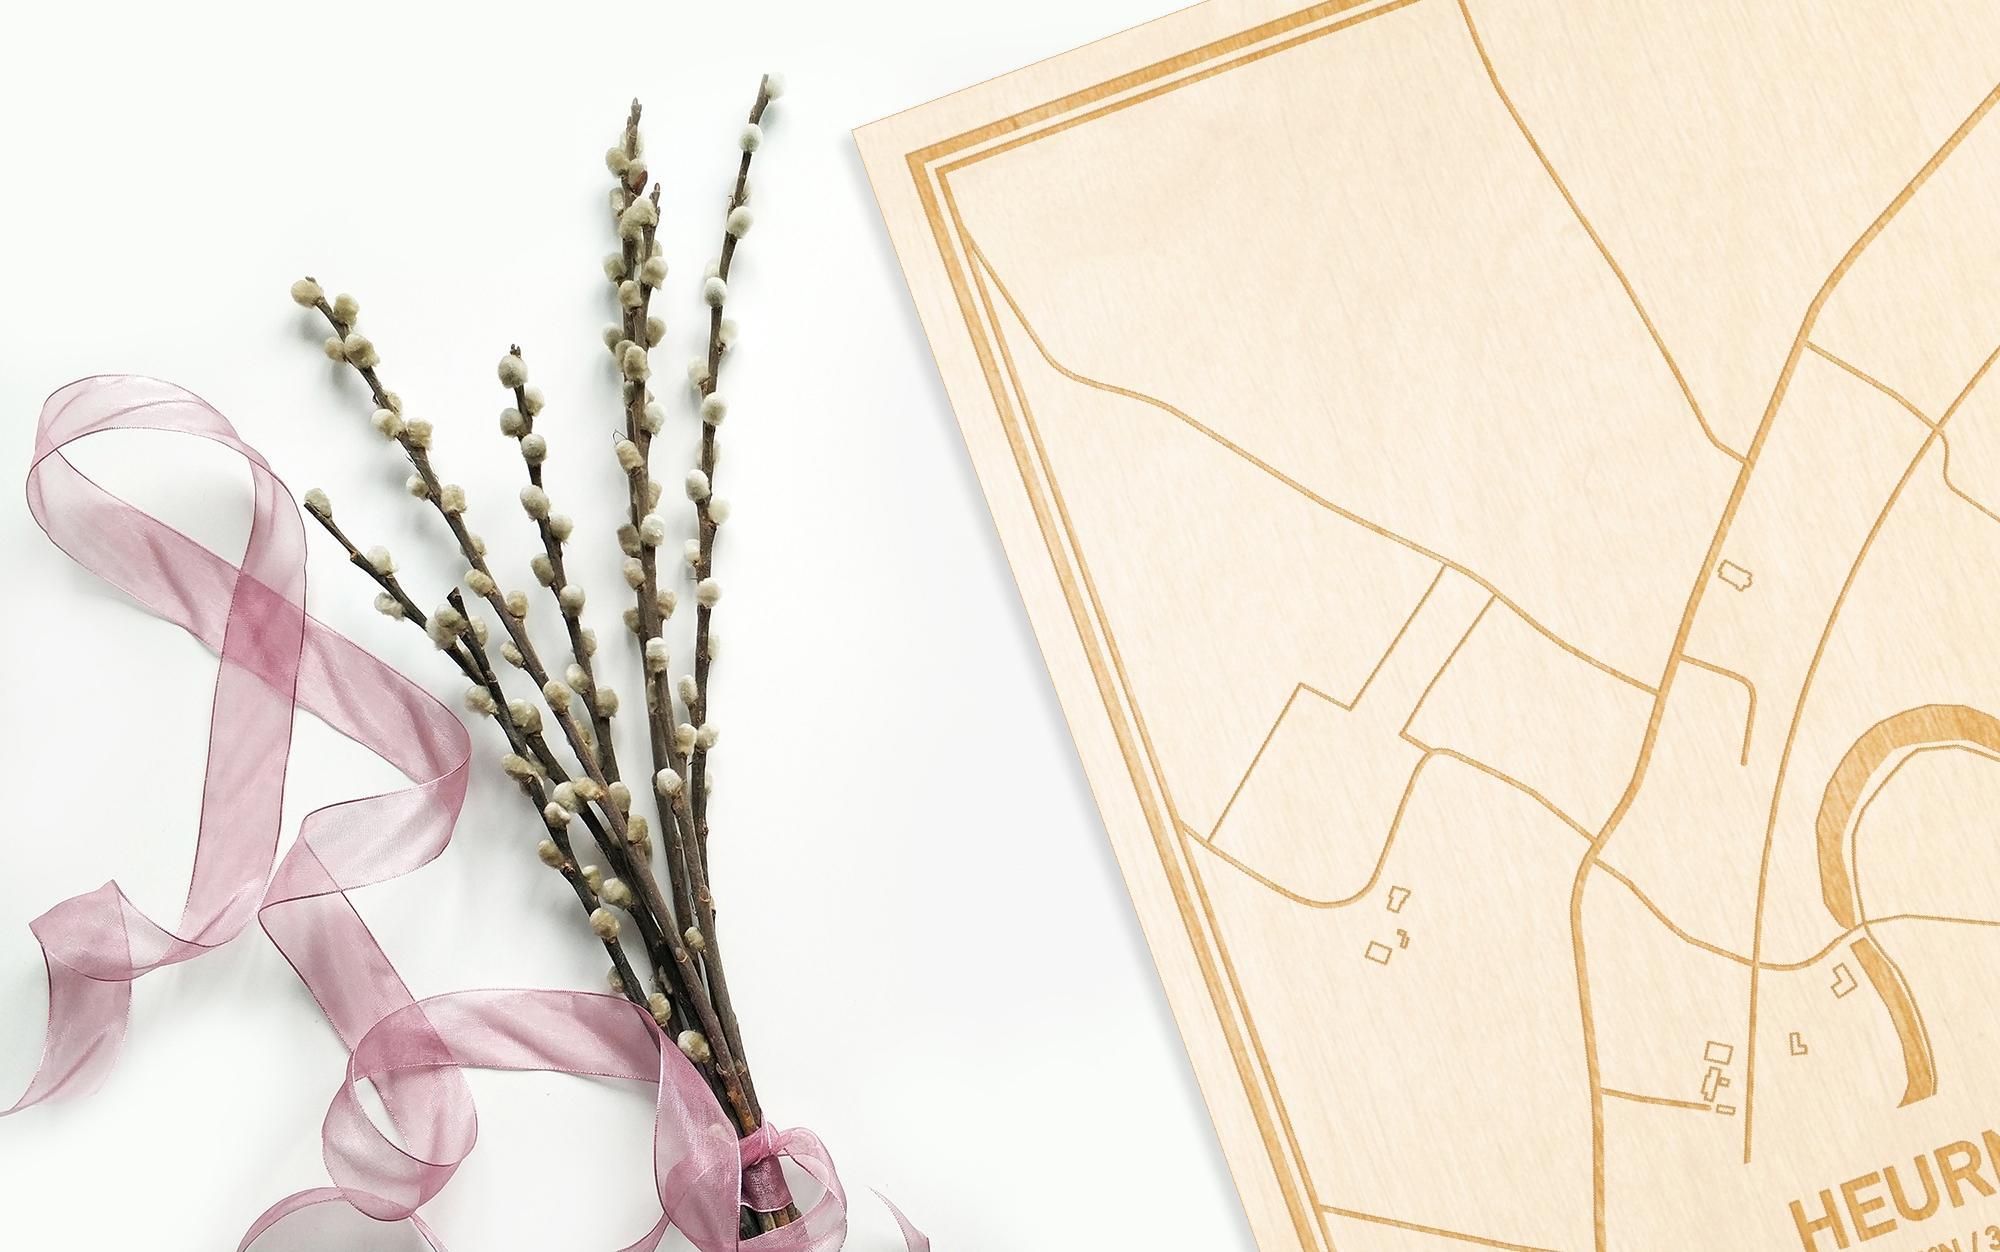 Hier ligt de houten plattegrond Heurne naast een bloemetje als gepersonaliseerd cadeau voor haar.